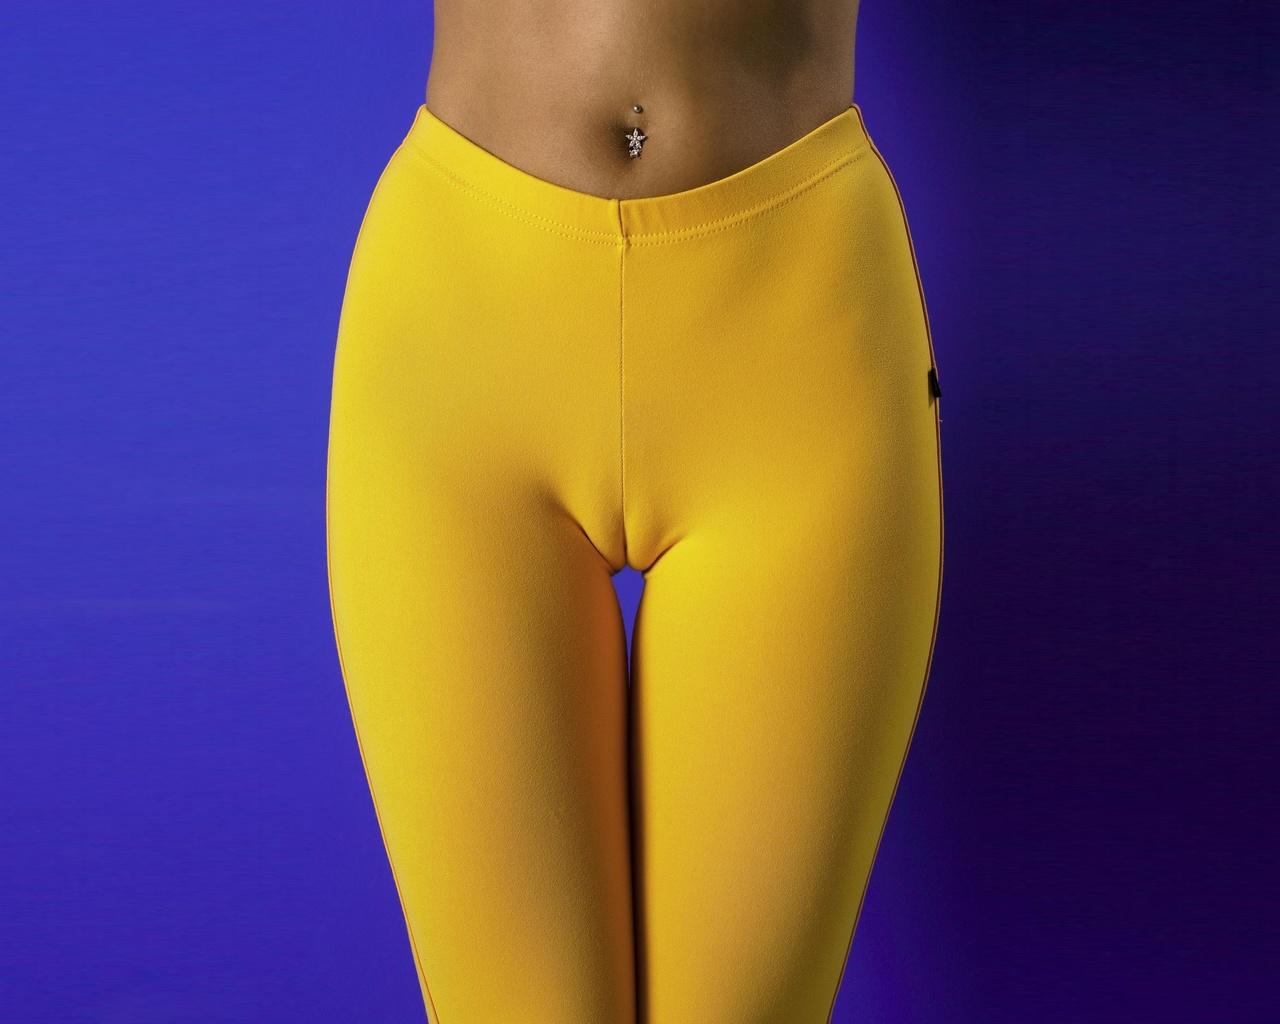 Частное фото вагин женщин, Показ женских влагалищ дома - секс порно фото 23 фотография